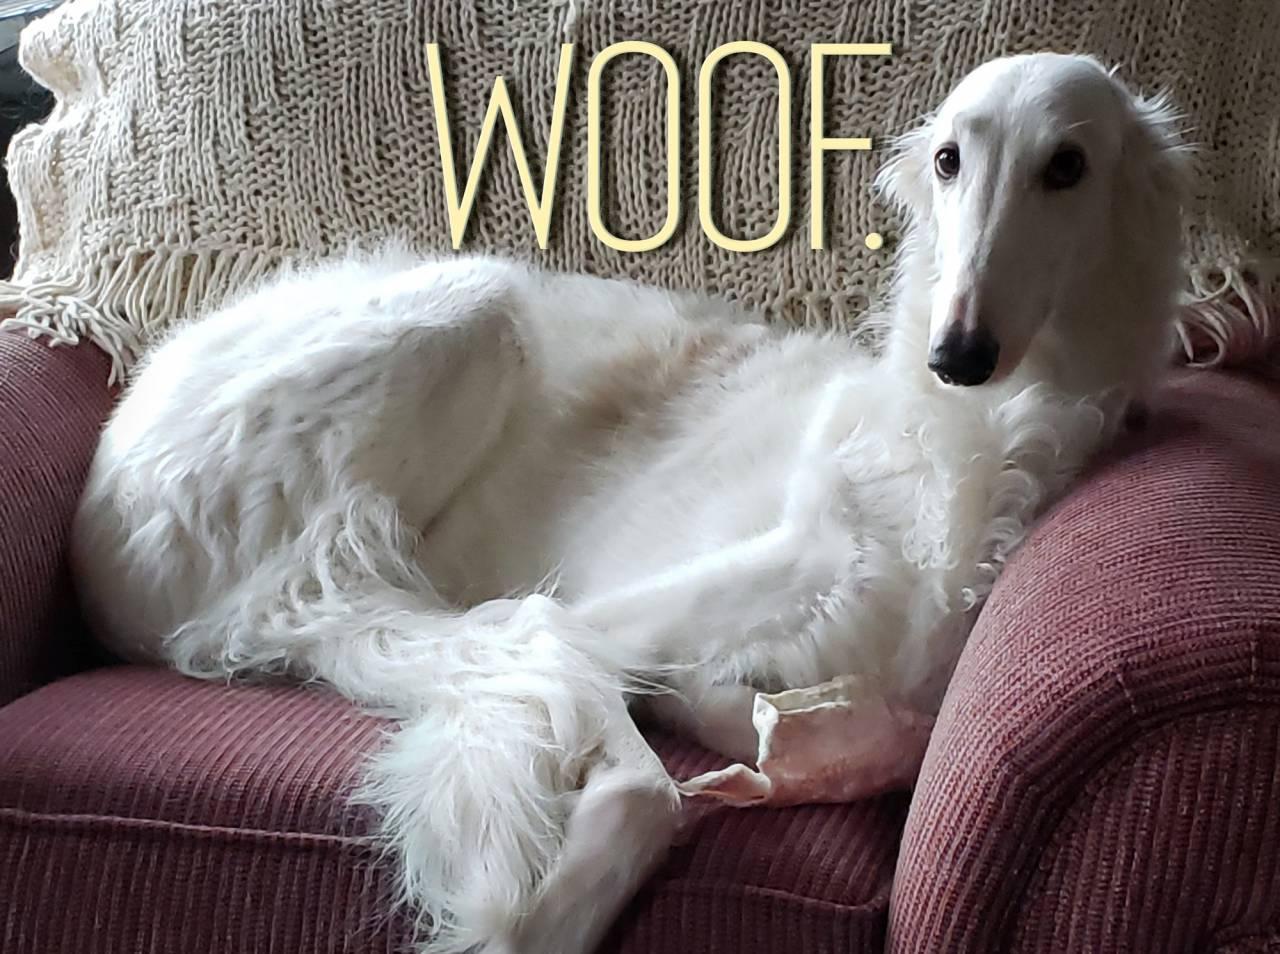 Rebranding a Company: Woof! Woof!